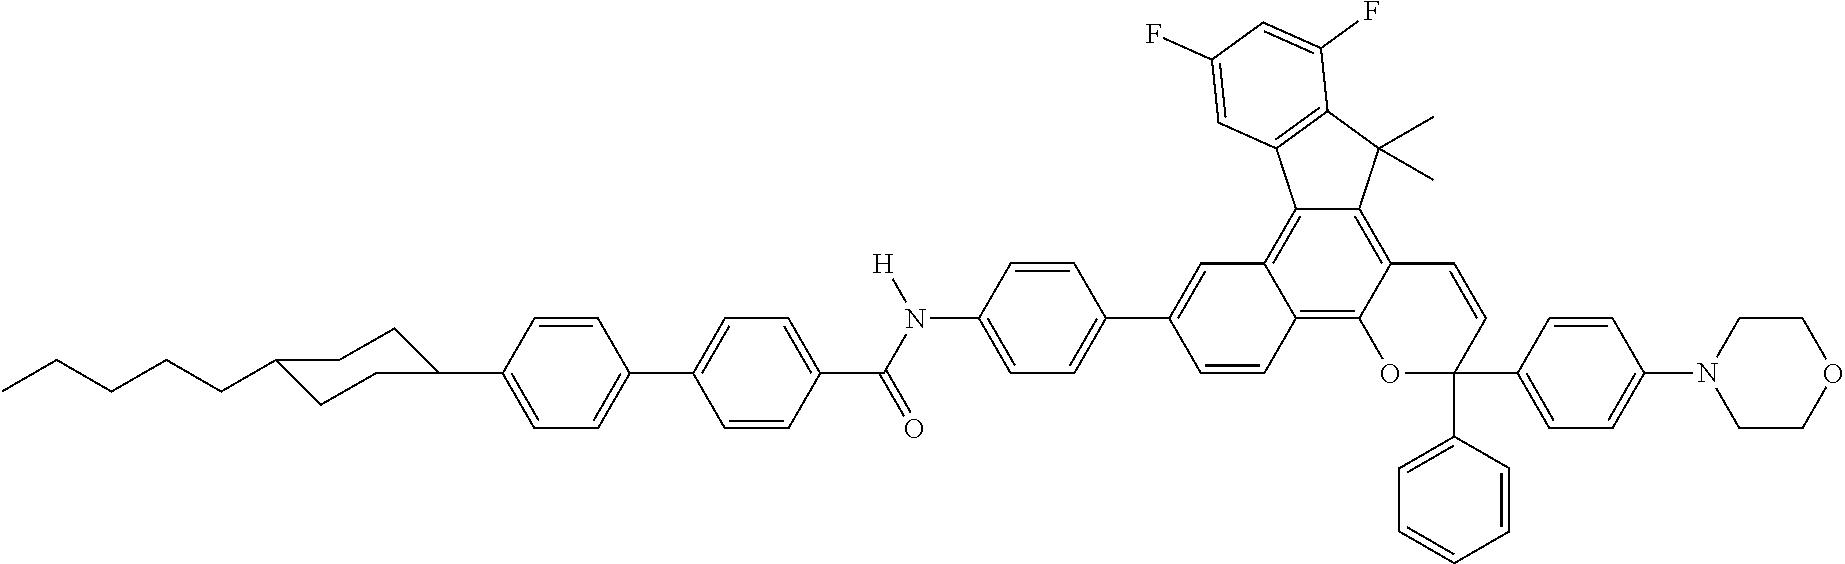 Figure US08518546-20130827-C00038